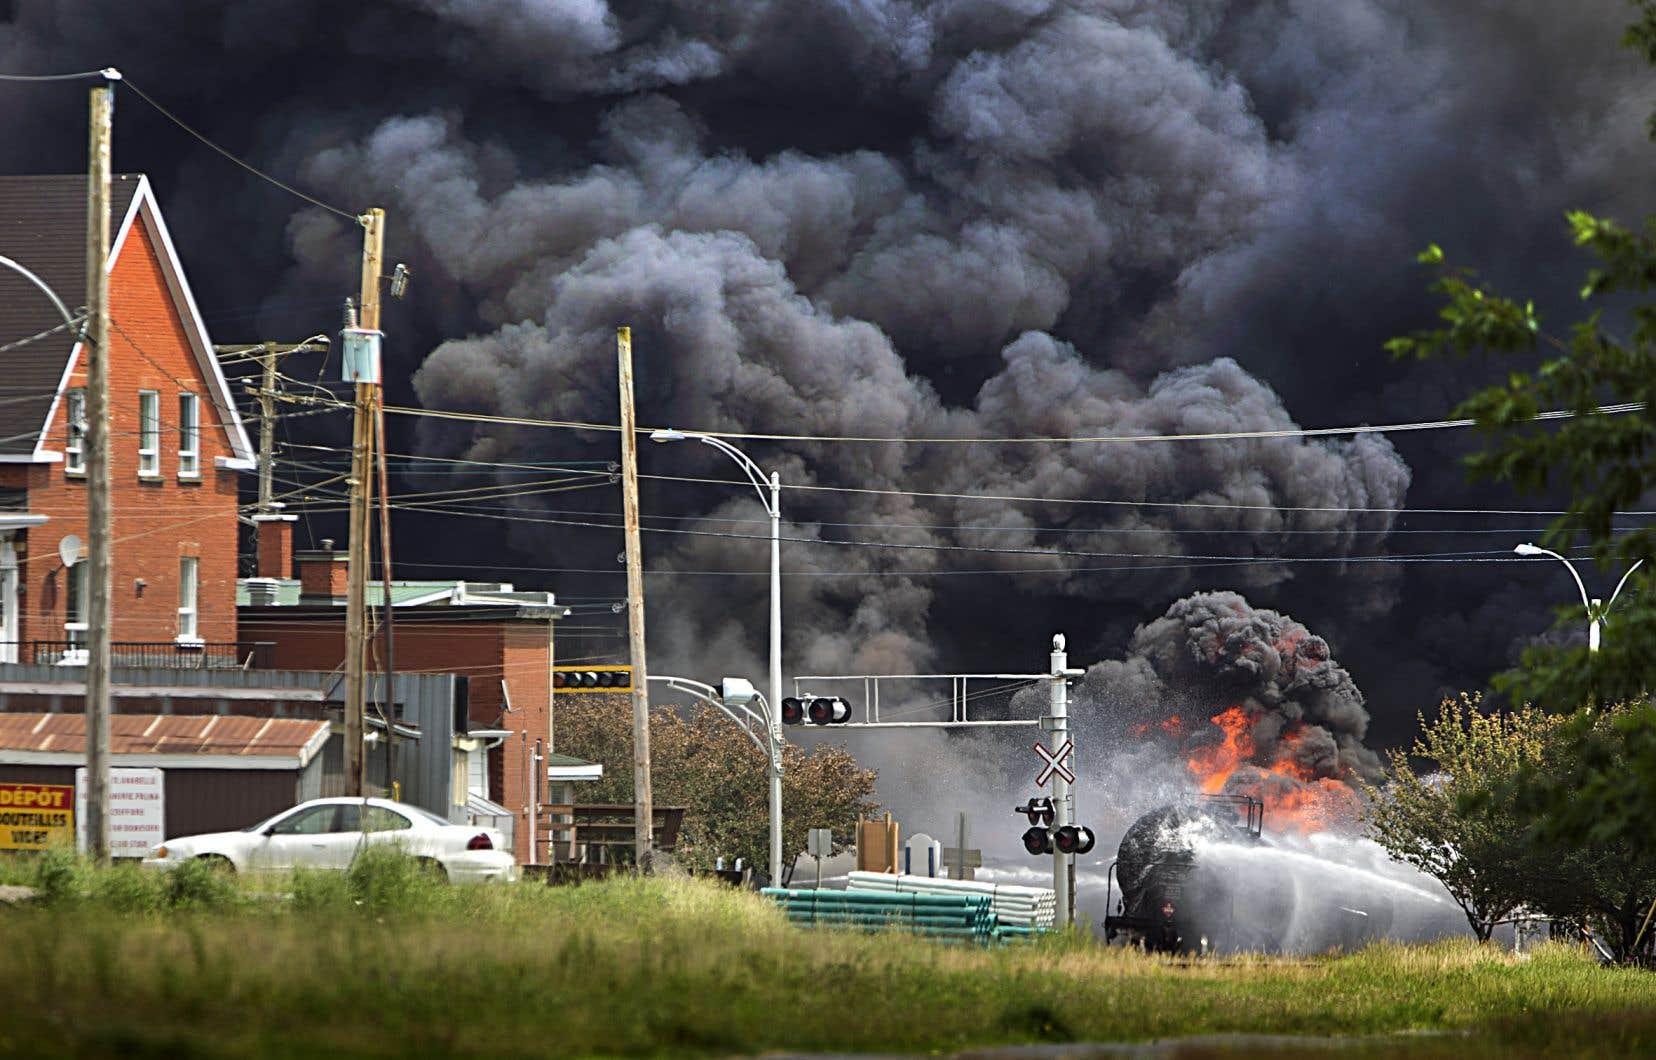 L'accident ferroviaire survenu dans la nuit du 5 au 6juillet 2013 a causé la mort de 47 personnes.